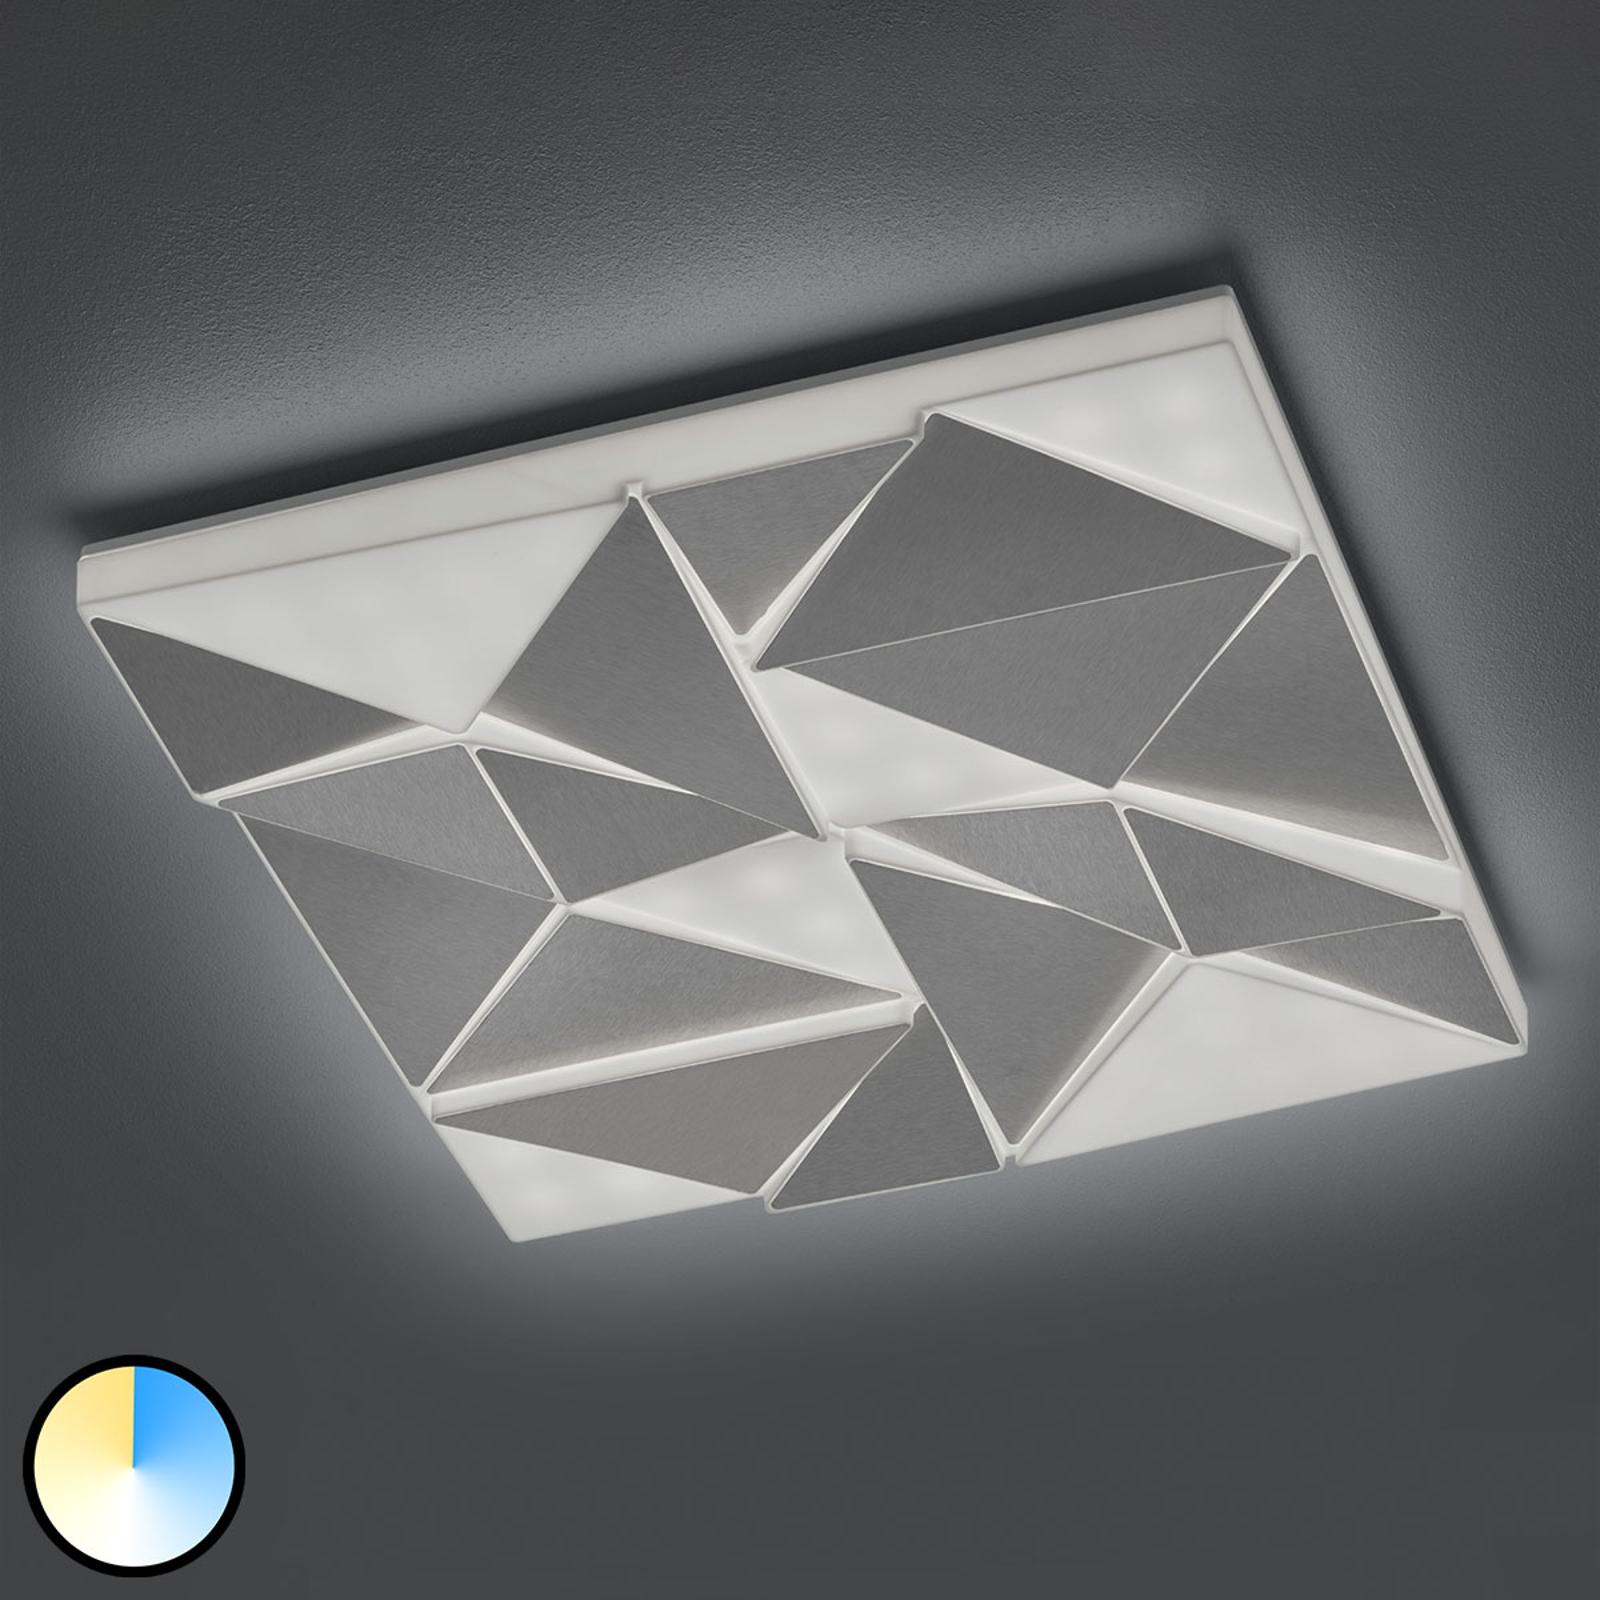 Lampa sufitowa LED Trinity z lampką nocną, 60x60cm